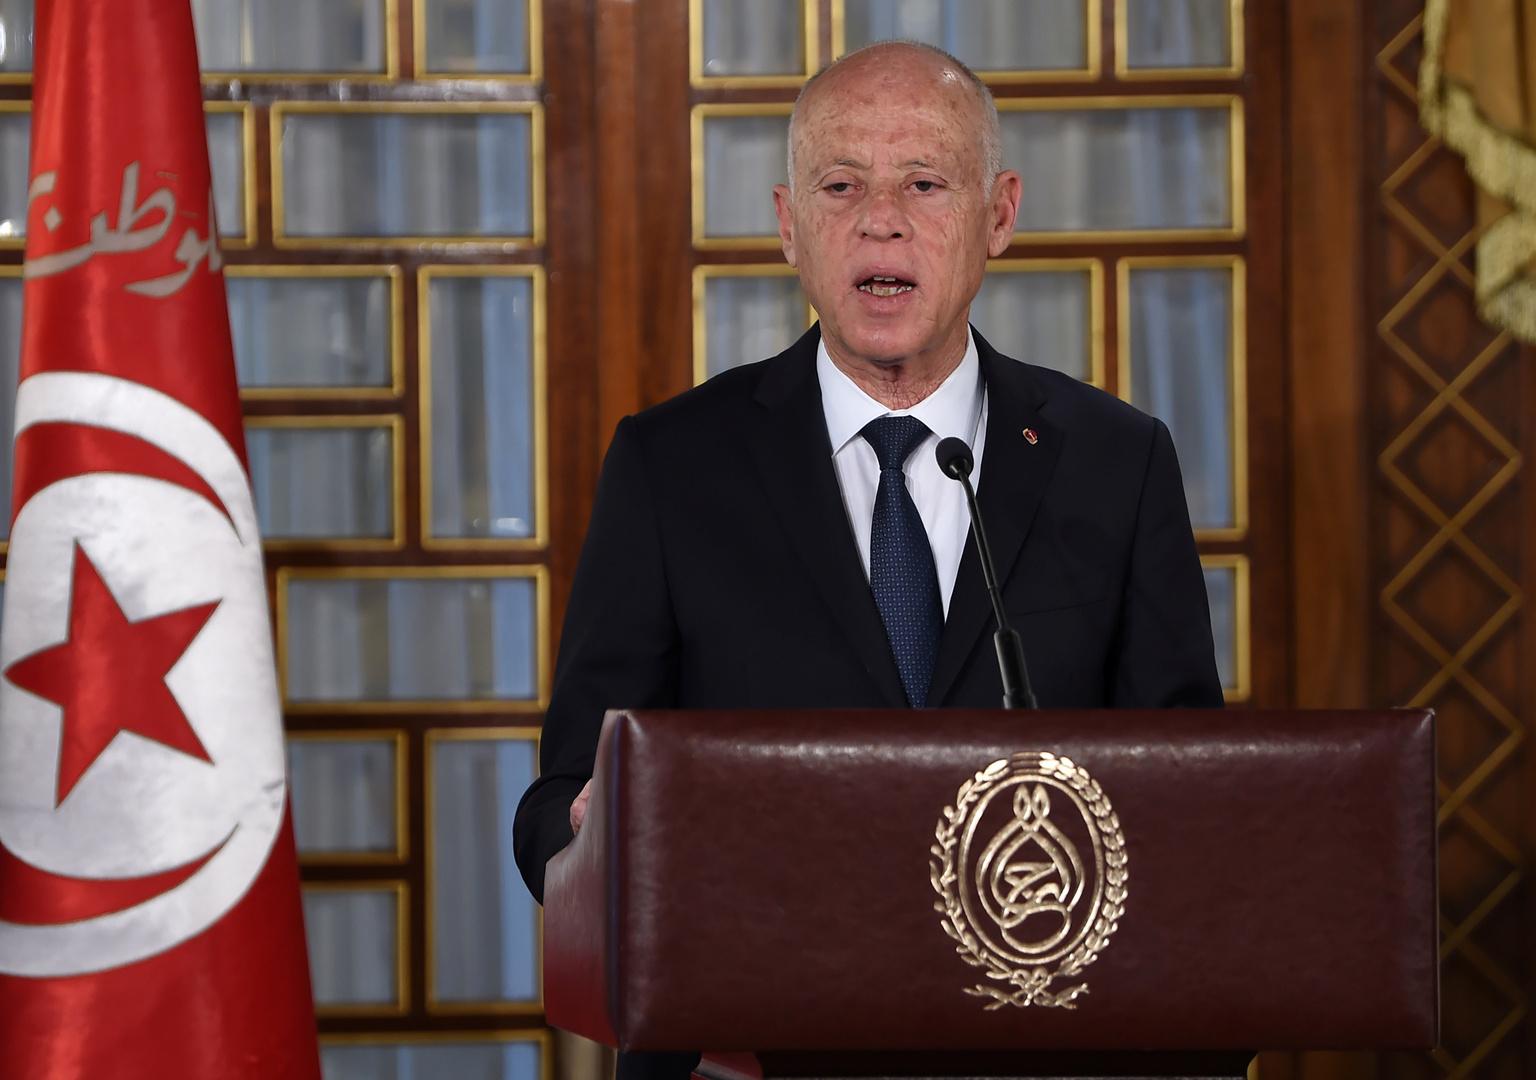 رئيس تونس يدعو إلى حوار يقود لنظام سياسي جديد وتعديل دستوري